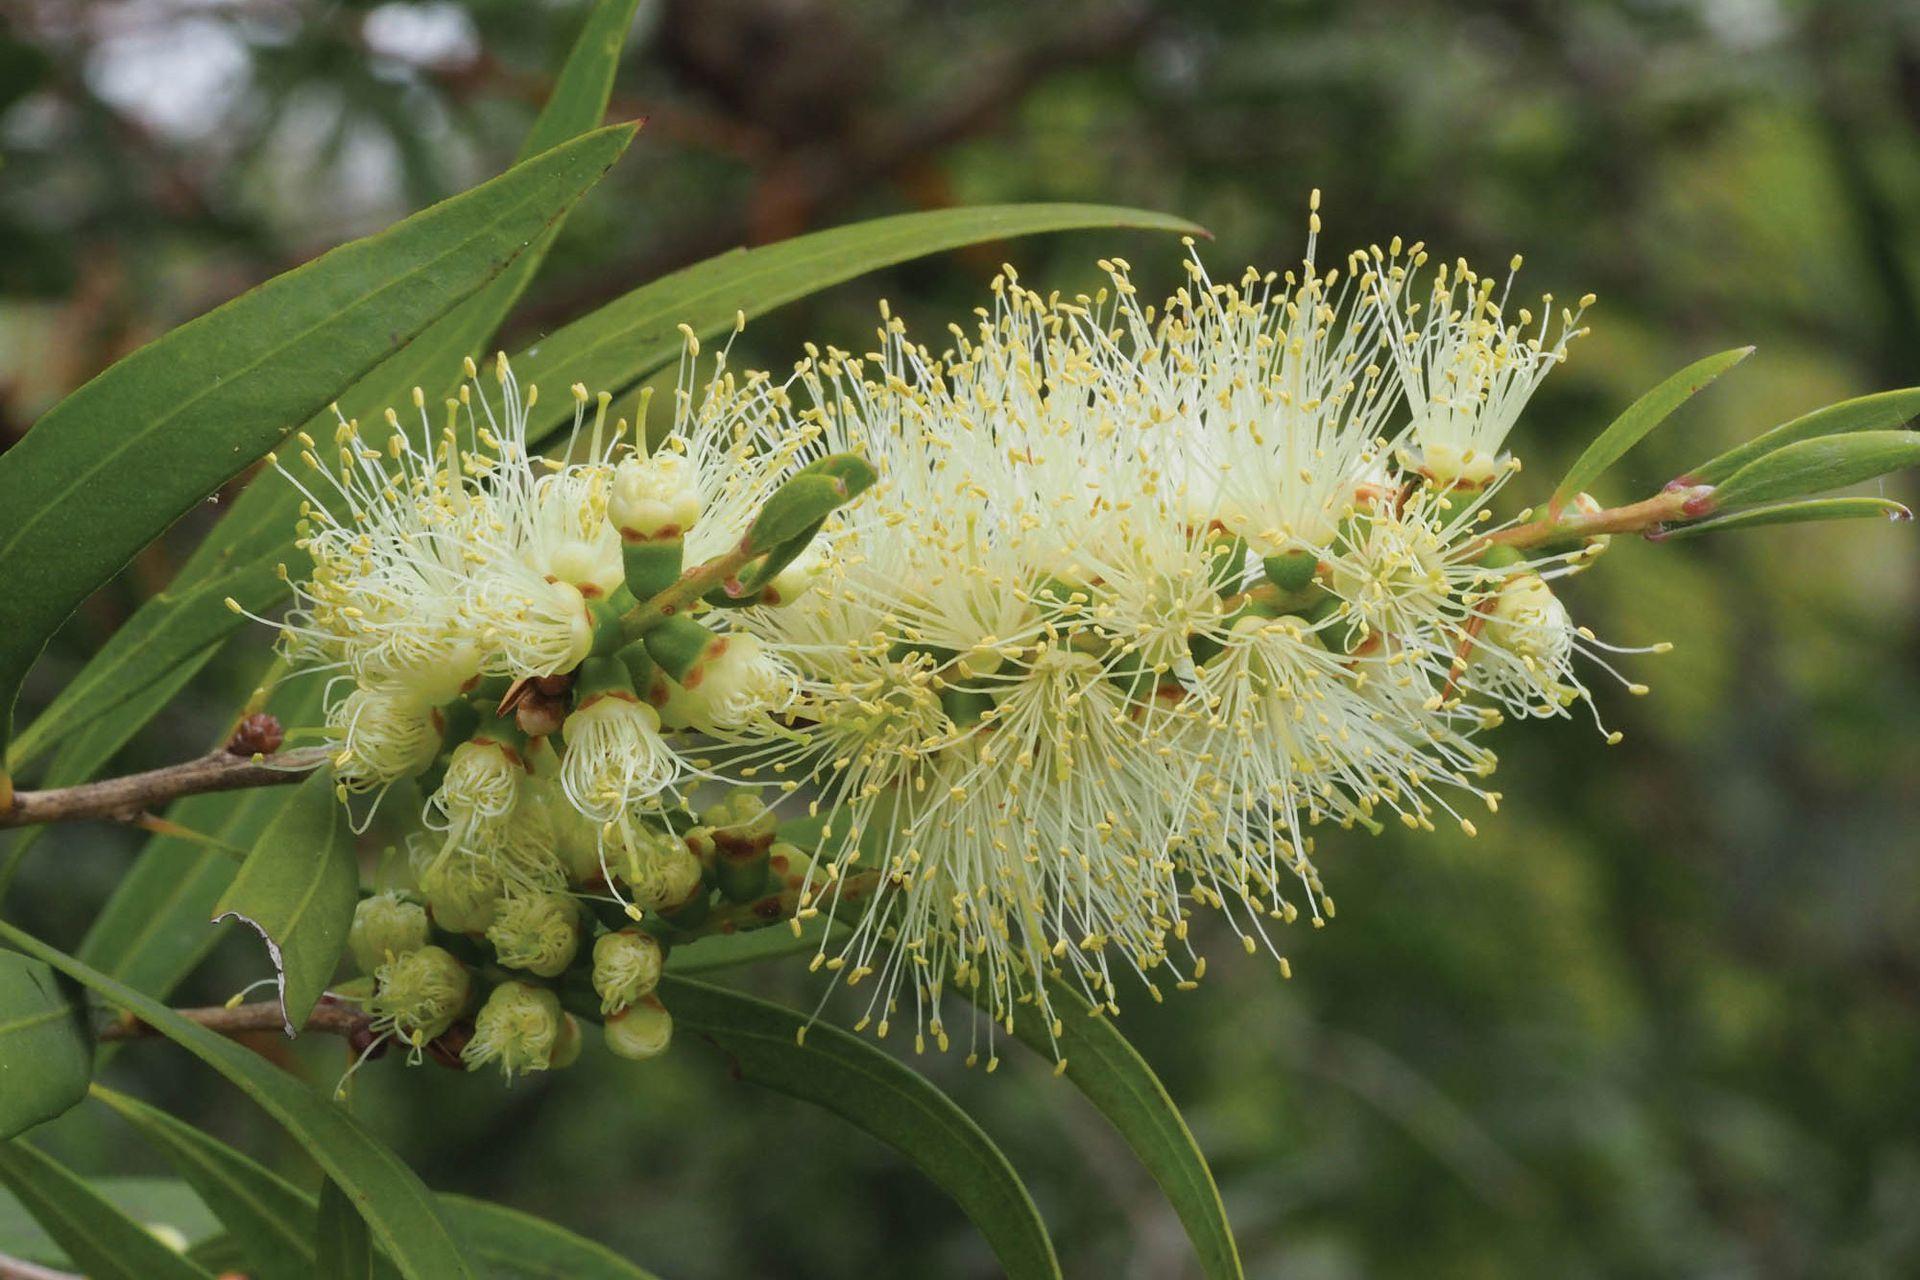 Melaleuca armillaris, conocida como Melaleuca. Es un arbusto de follaje perenne que se mueve mansamente con el viento y lo resiste cuando crece fuertes en suelos adecuados. Combinan rusticidad y elegancia.